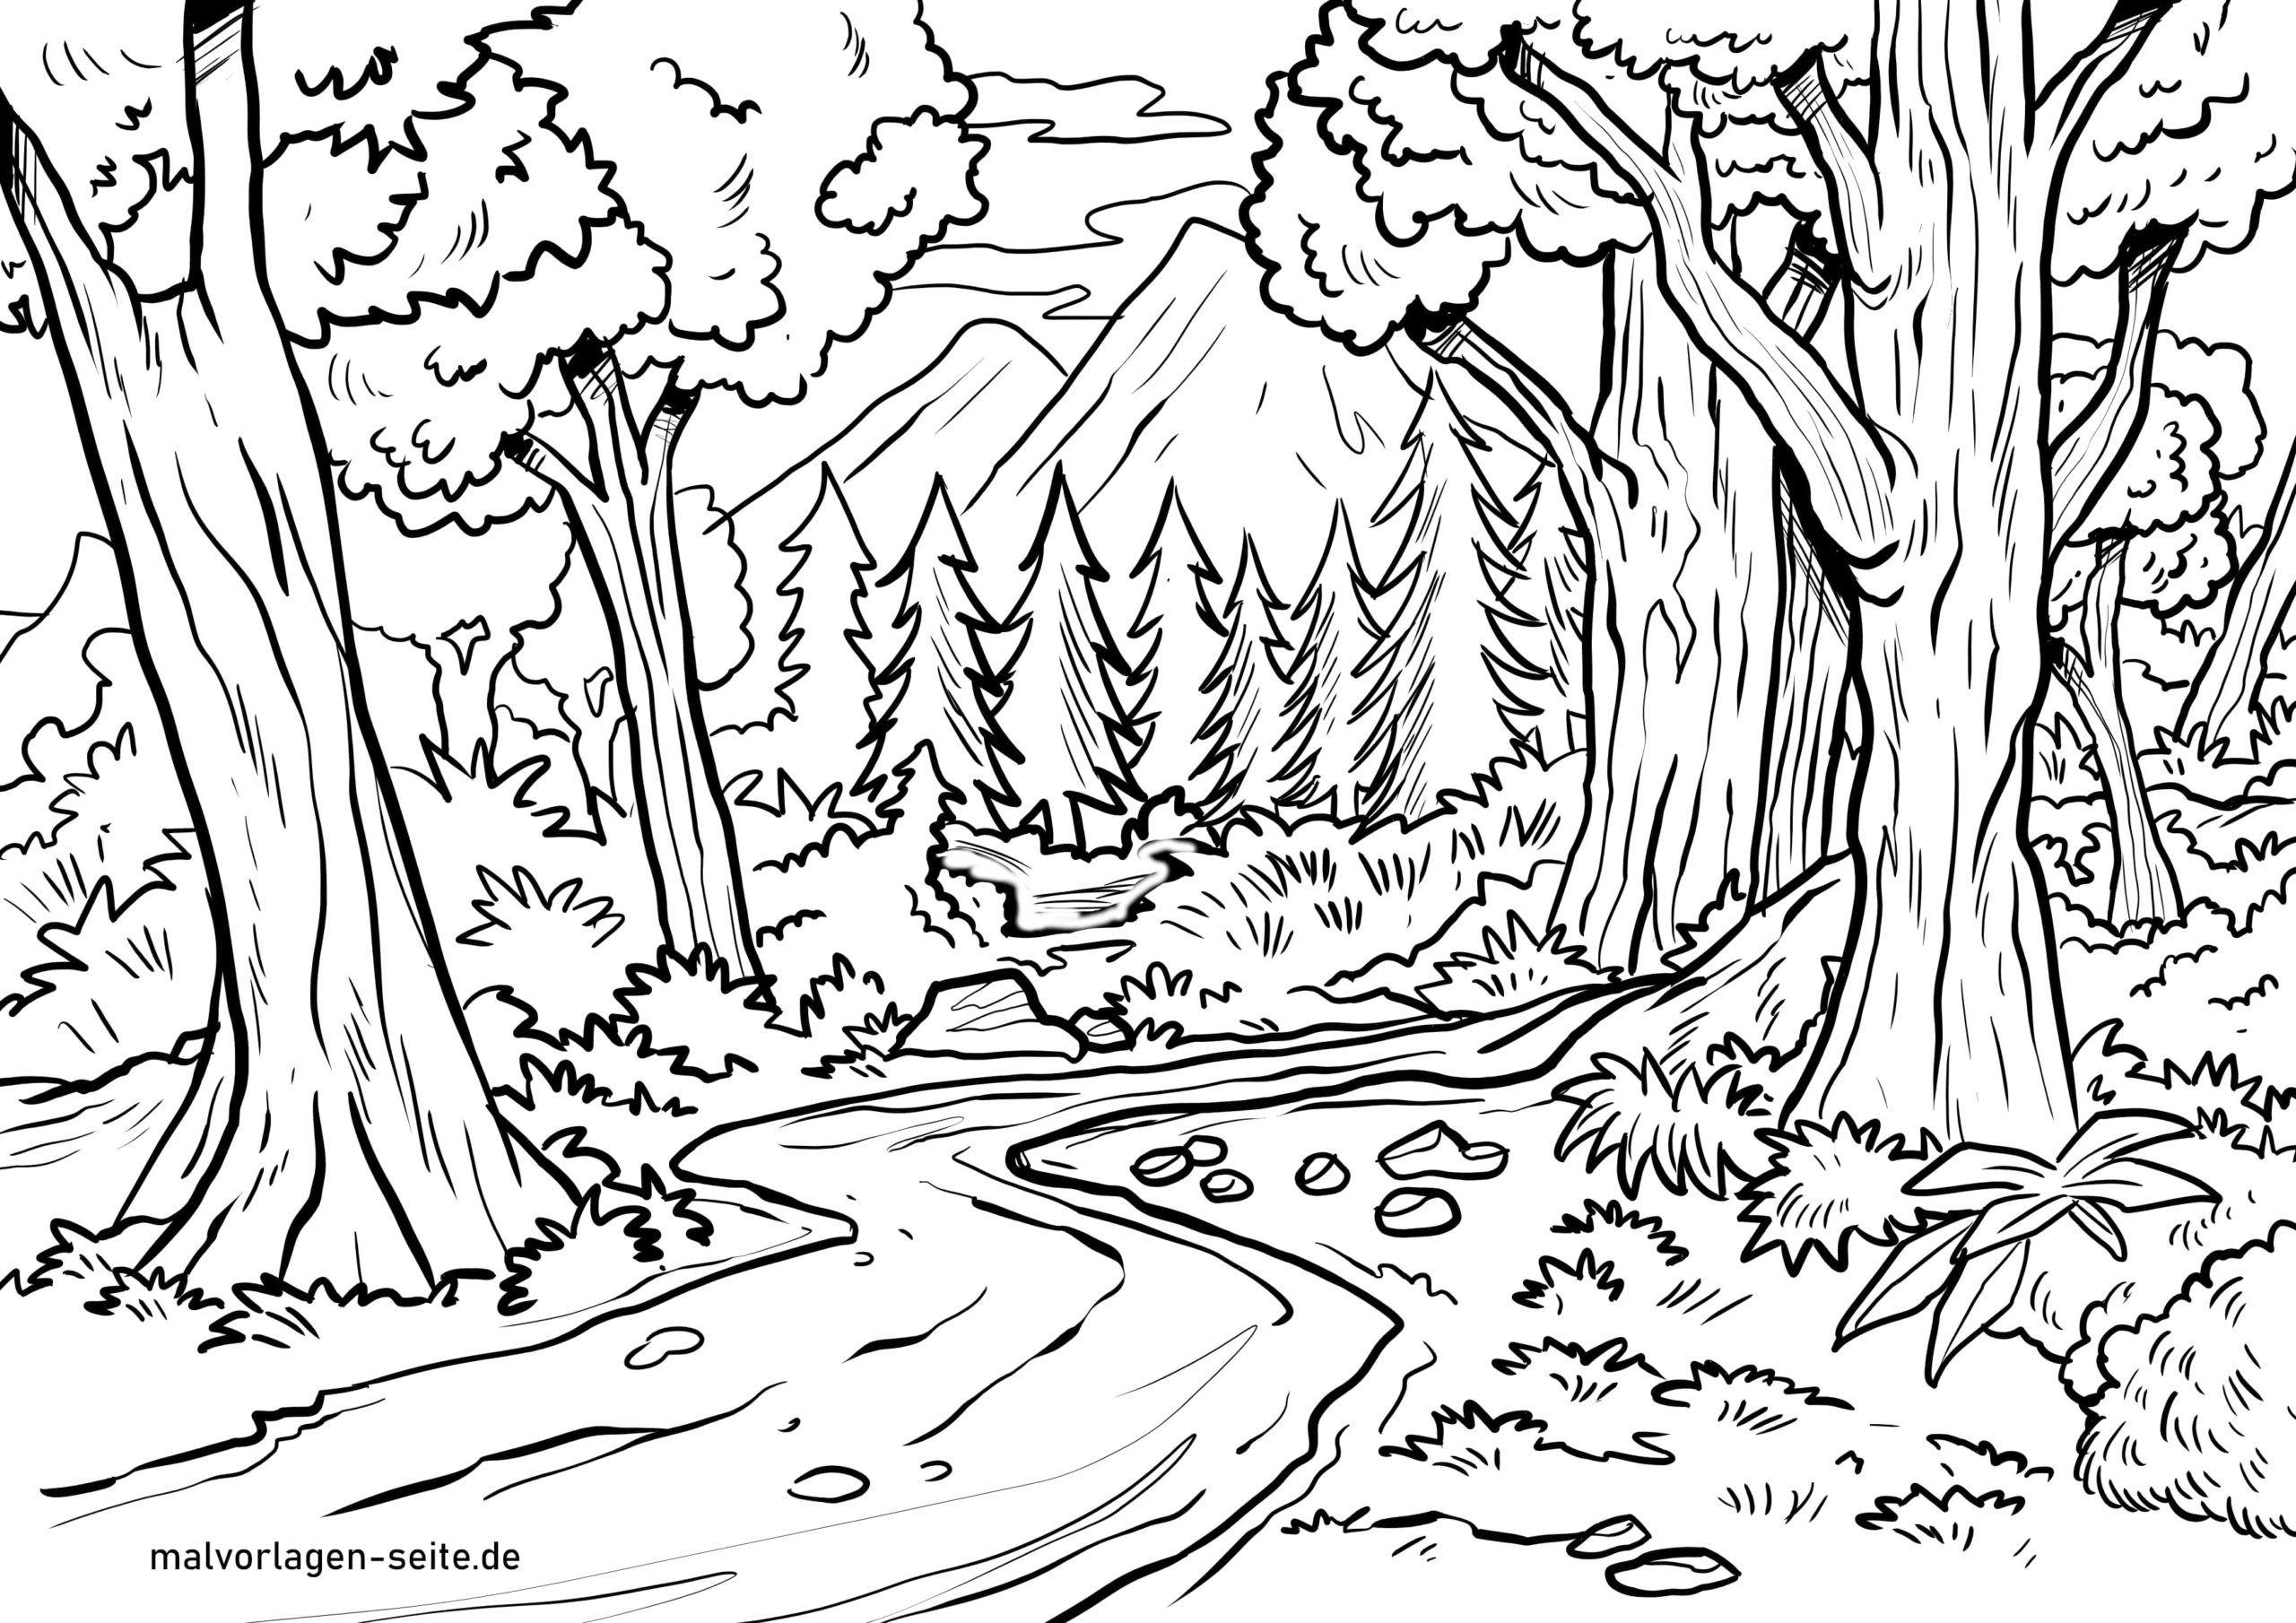 Malvorlage Wald - Ausmalbilder Kostenlos Herunterladen innen Wald Ausmalbild